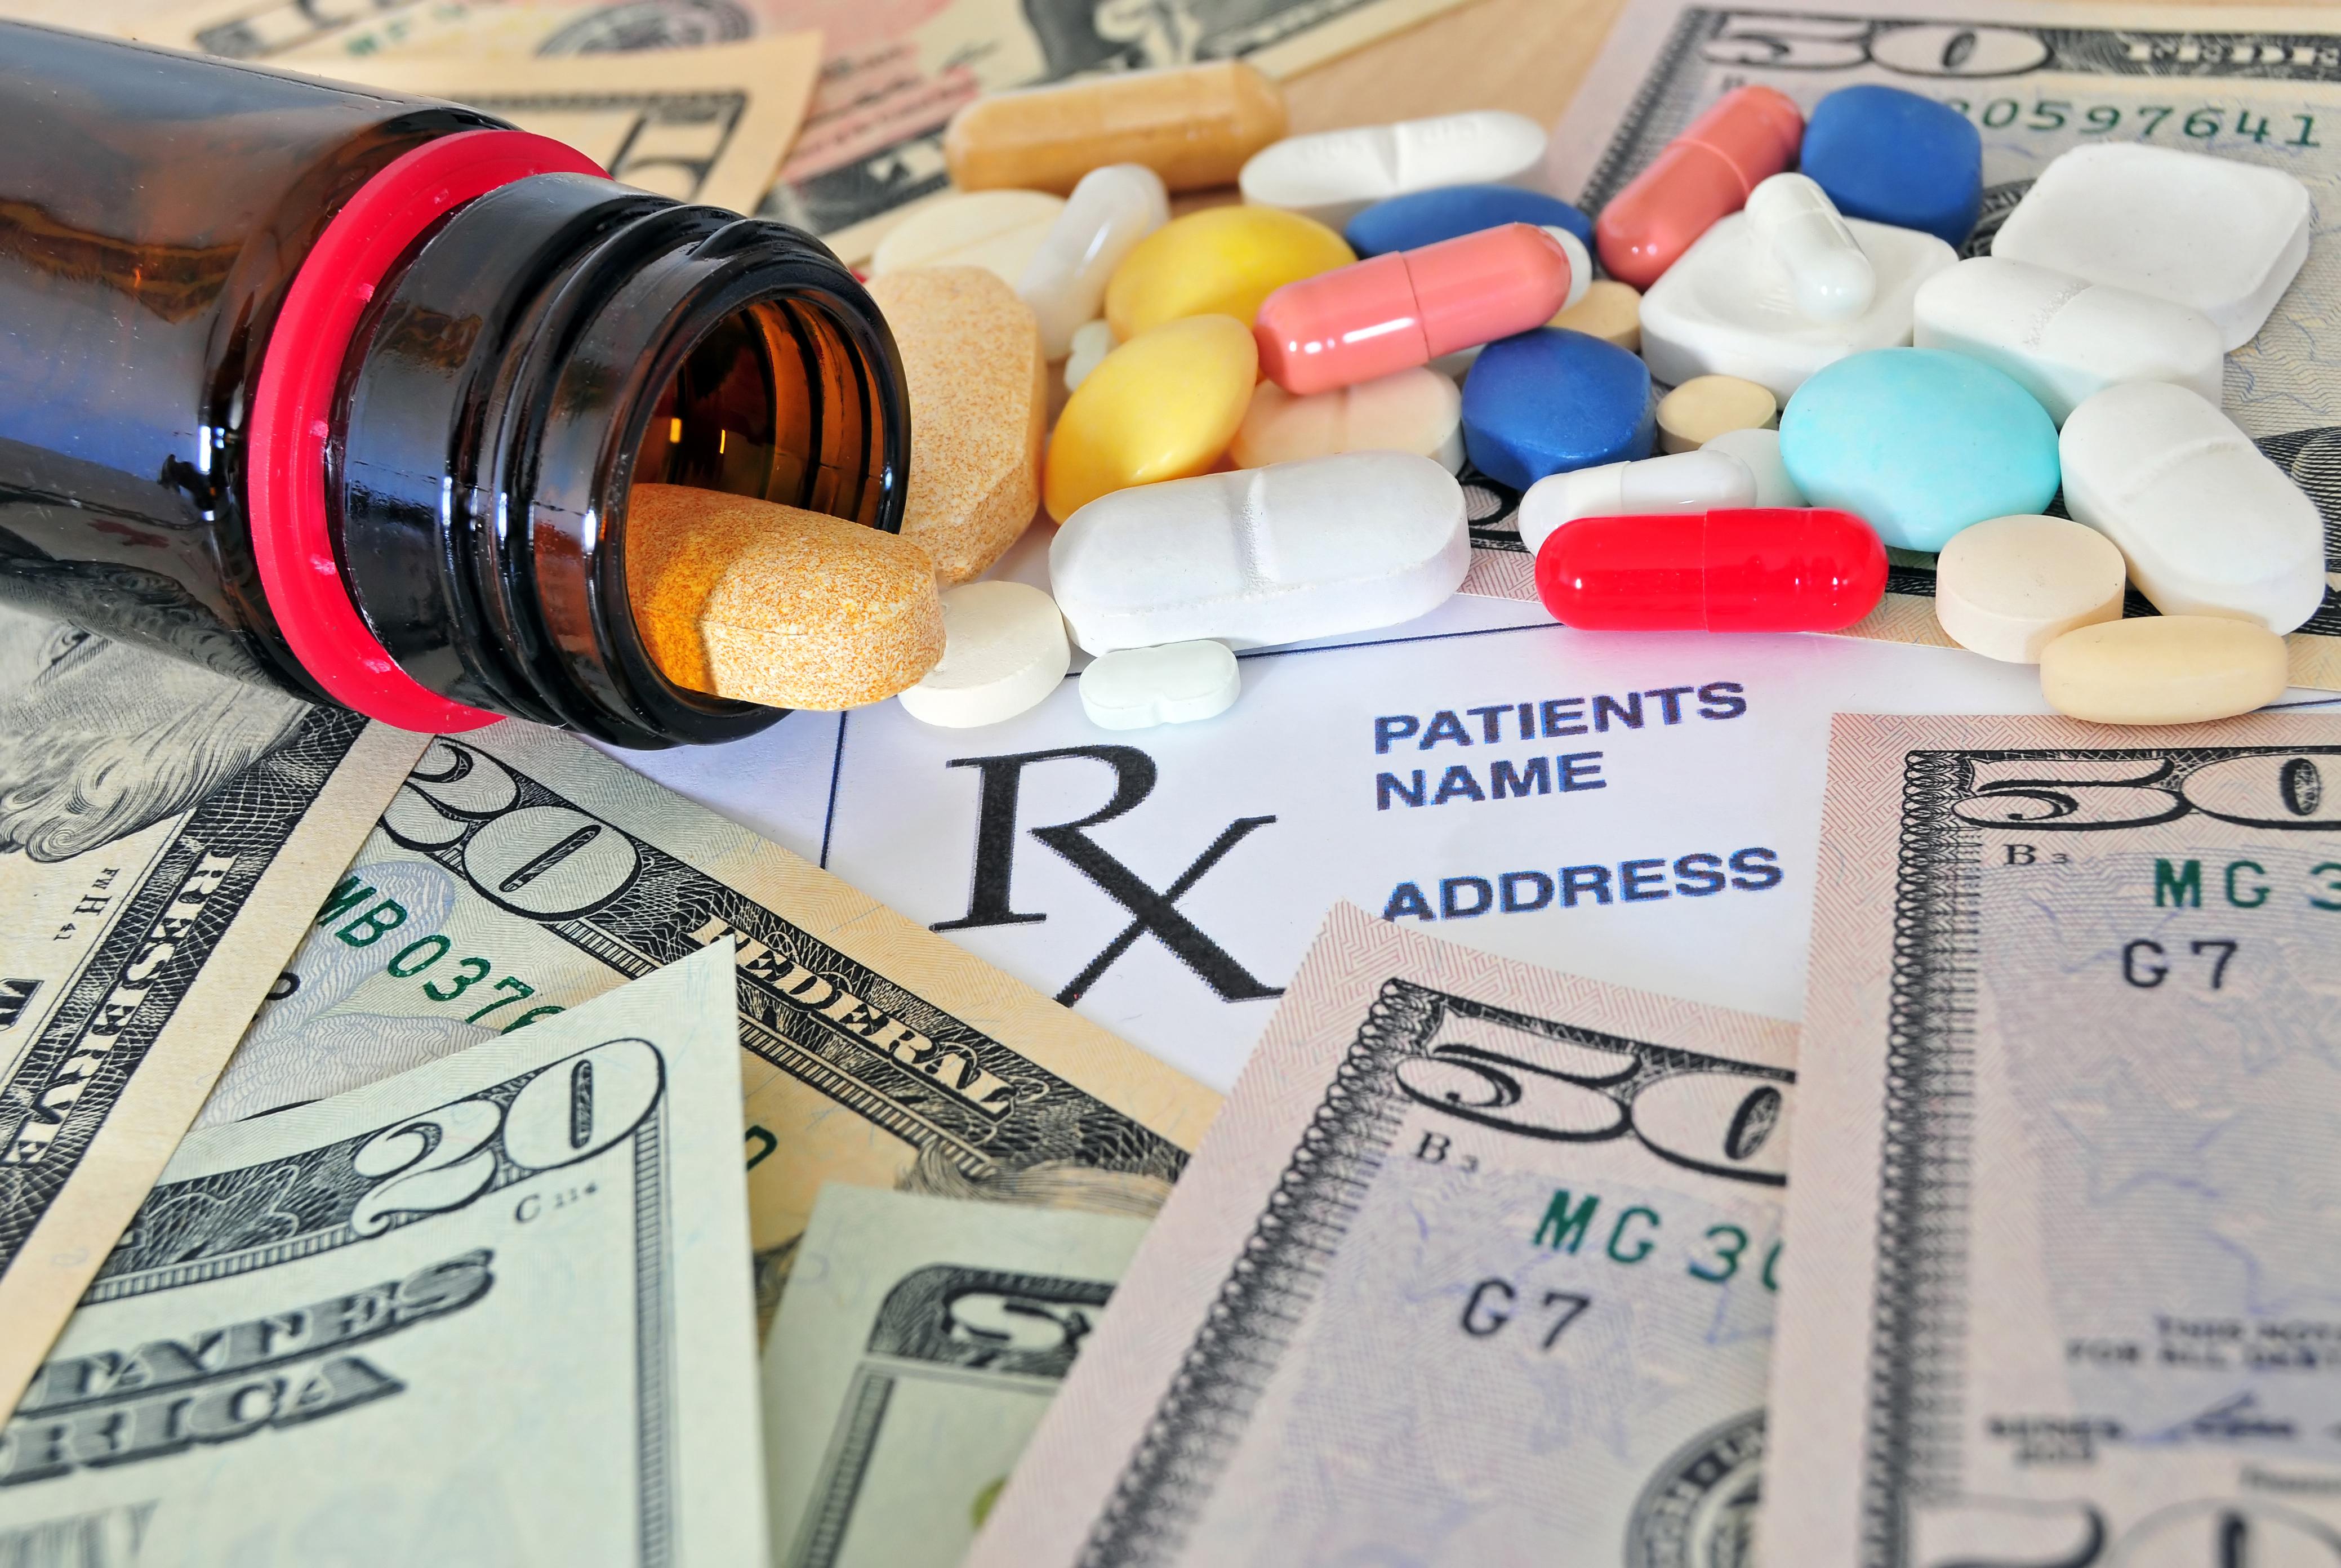 Dígale al Senado Estatal que Trabaje Para Reducir los Costos de los Medicamentos Recetados